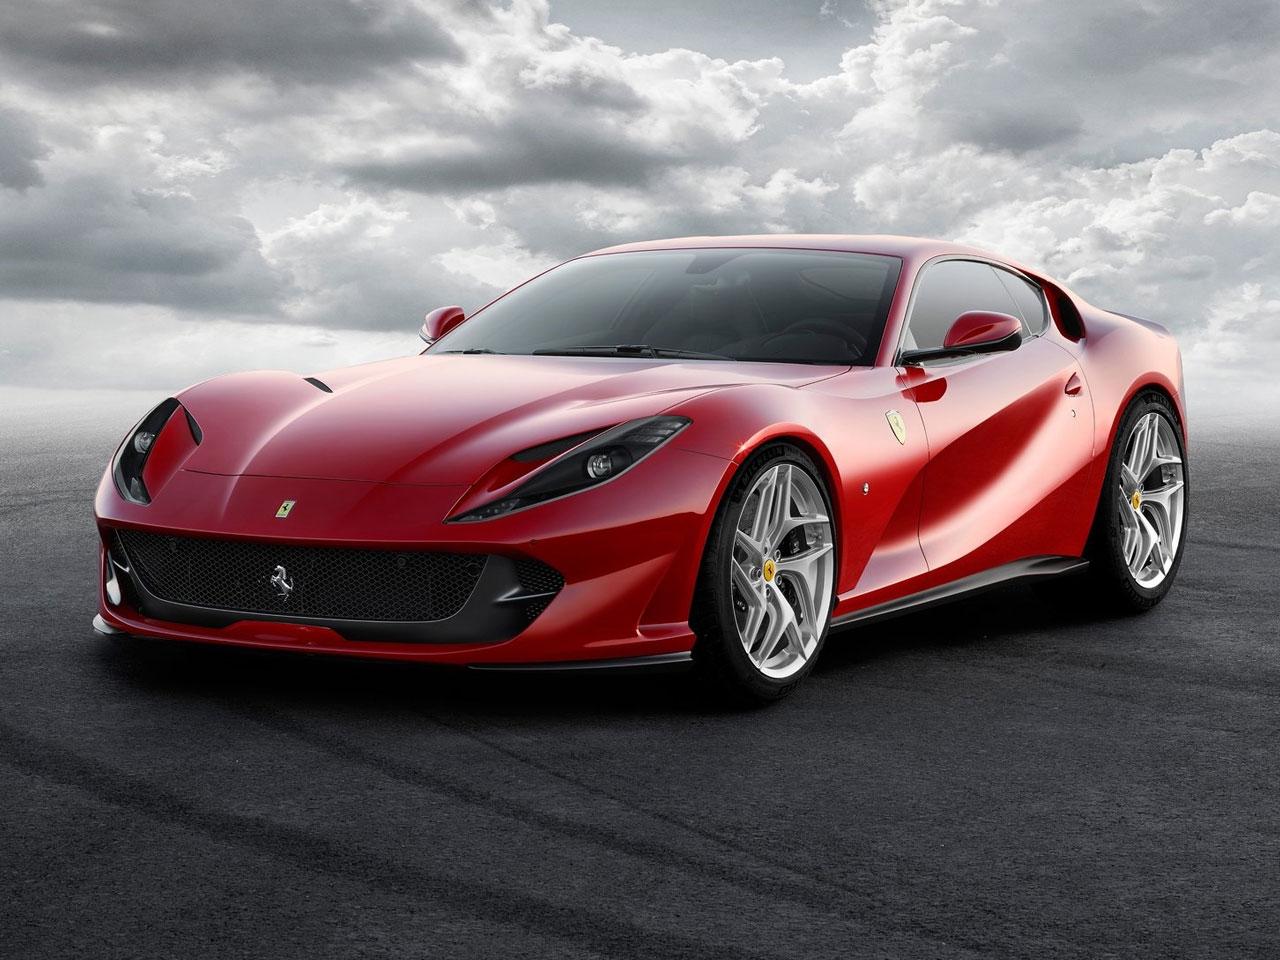 Coches Ferrari Todos Los Modelos Y Precios De Ferrari Autobild Es